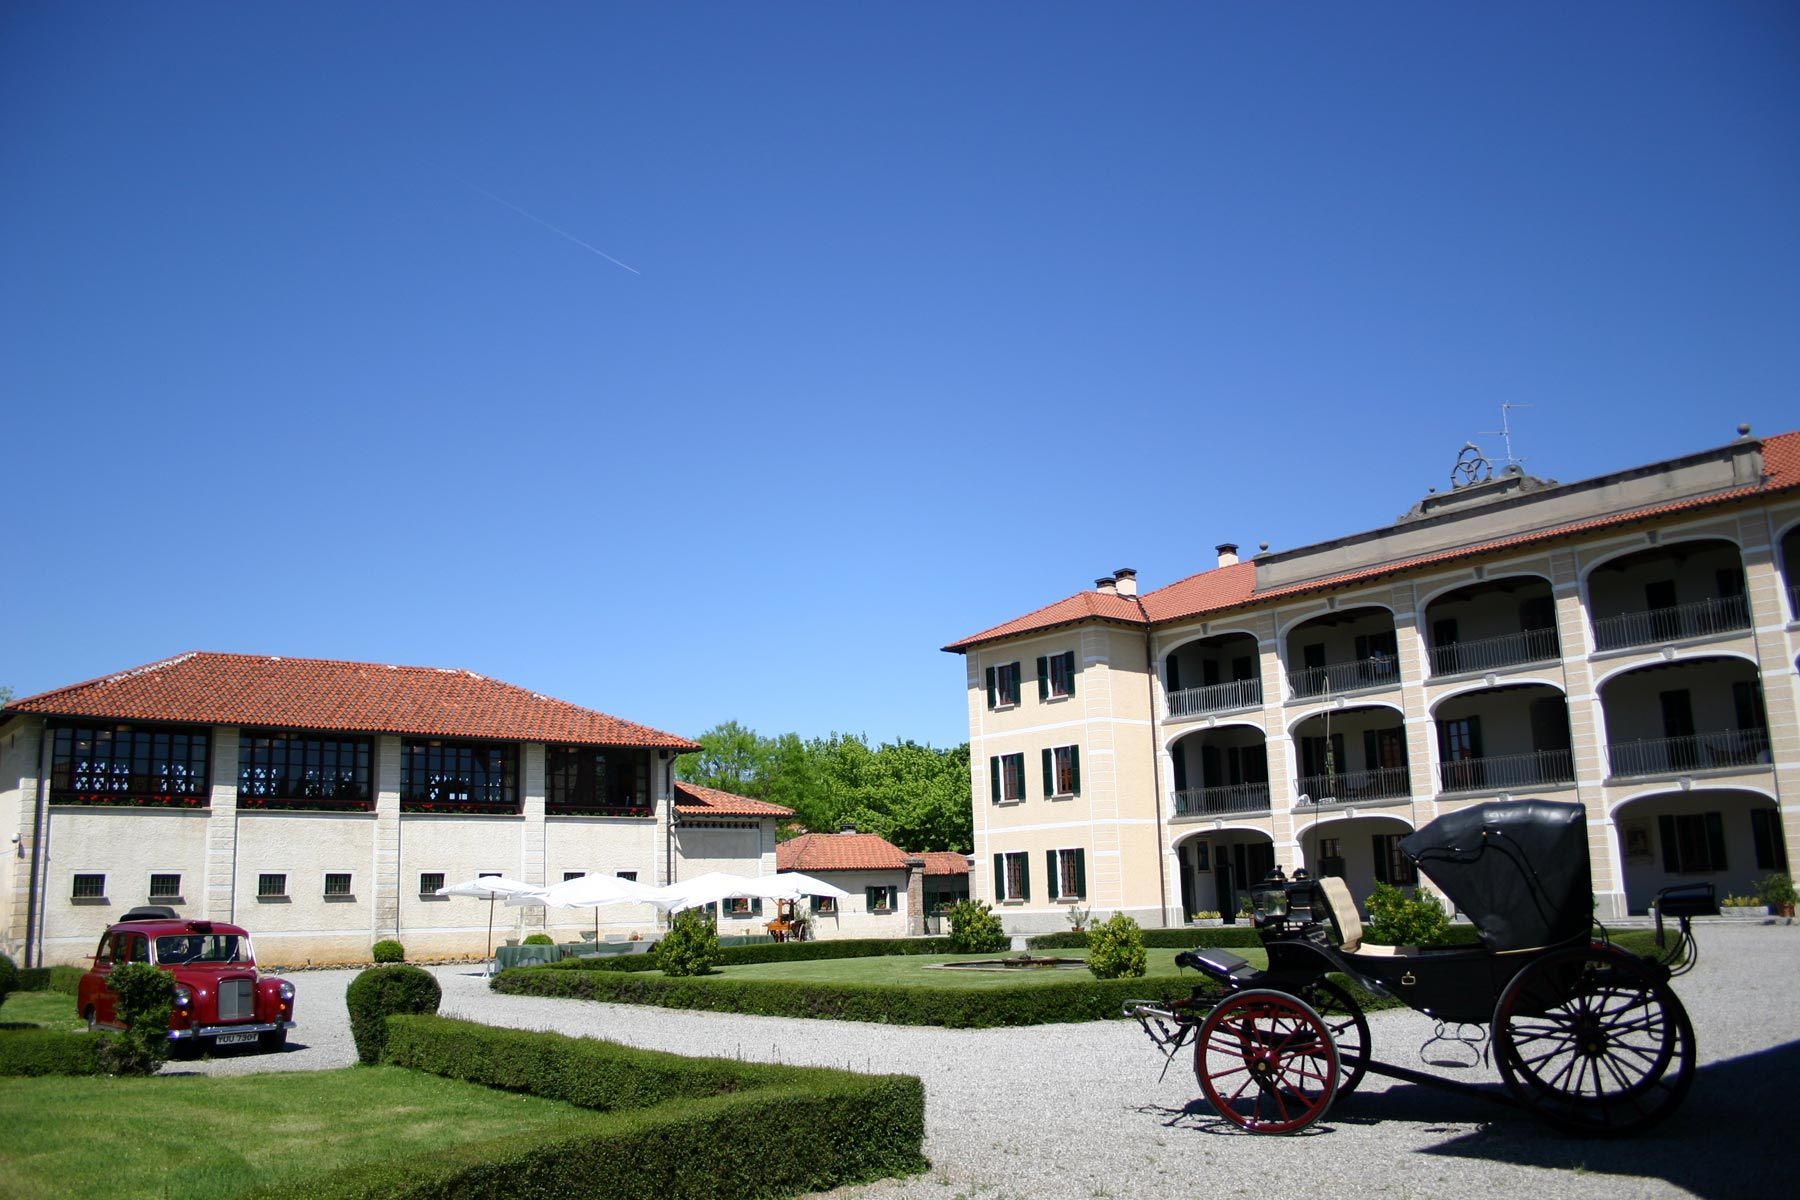 Location per feste di lusso nord italia for Hotel manin milano